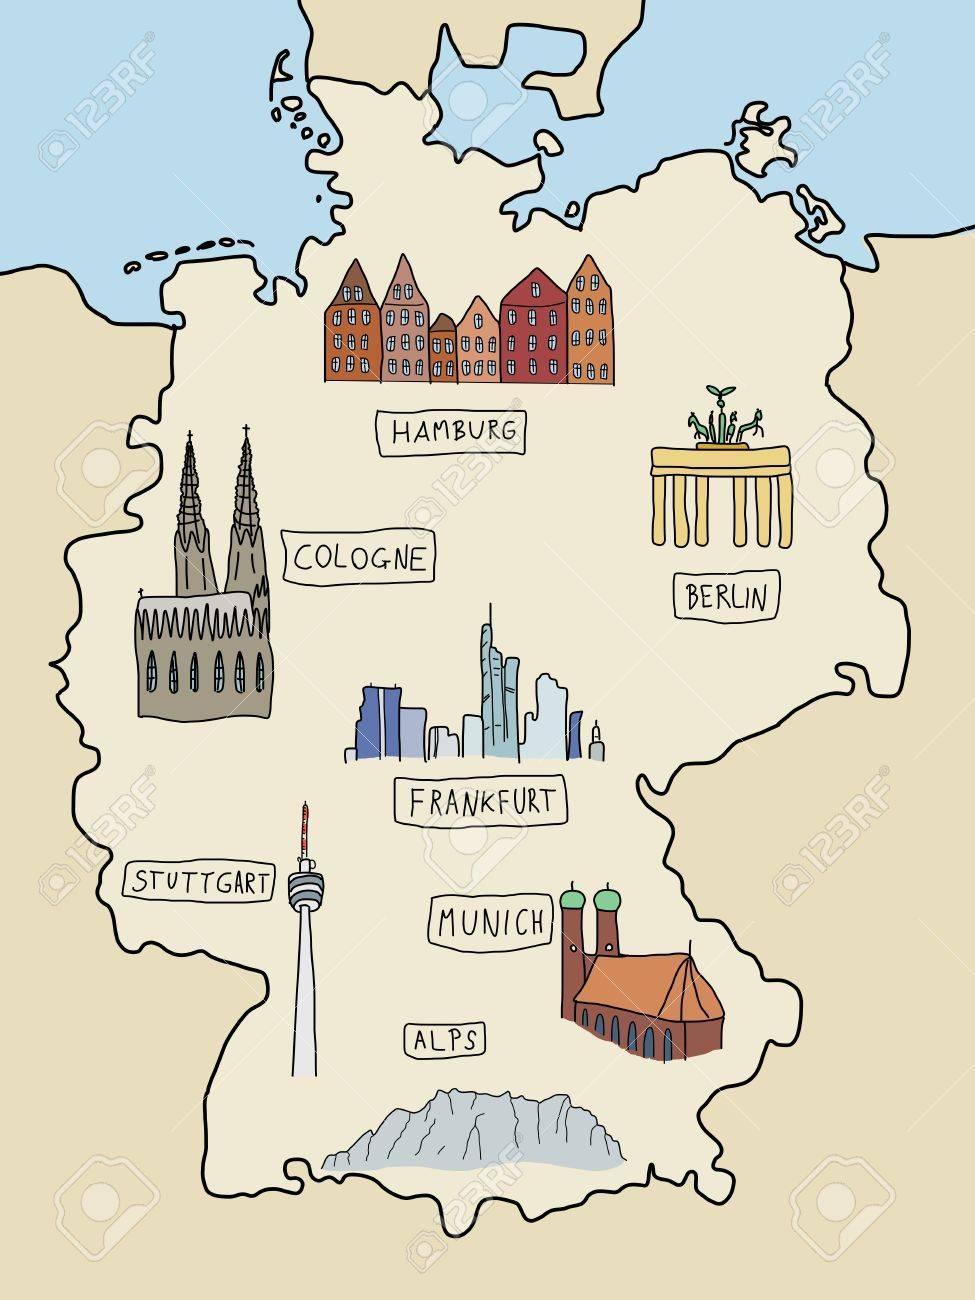 Alemania Lugares Famosos En El Mapa De Dibujo Berlin Hamburgo